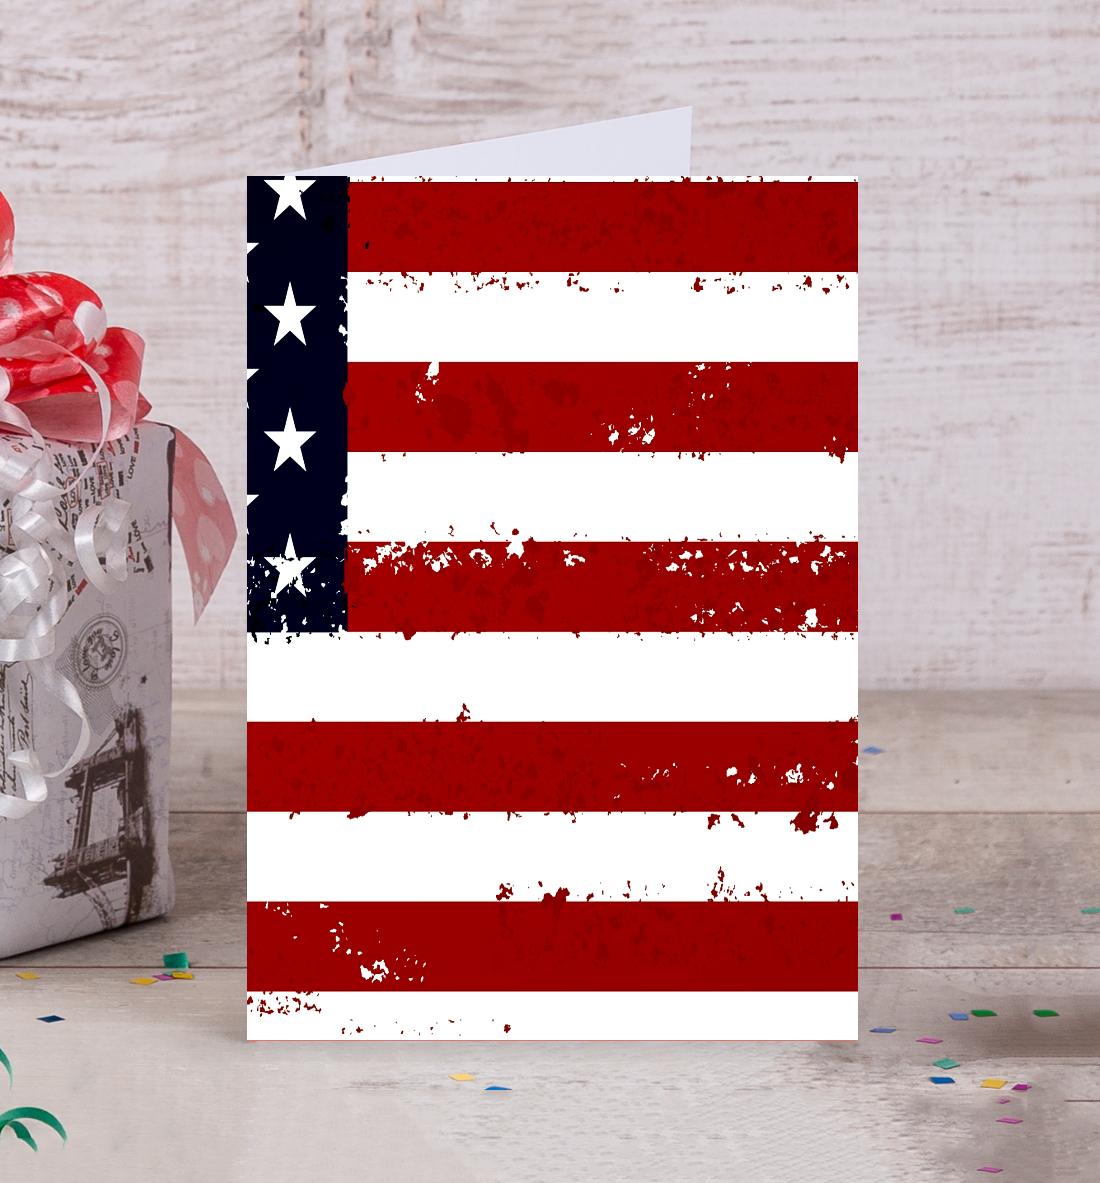 открытки в америке как сделать нее сидела хлои